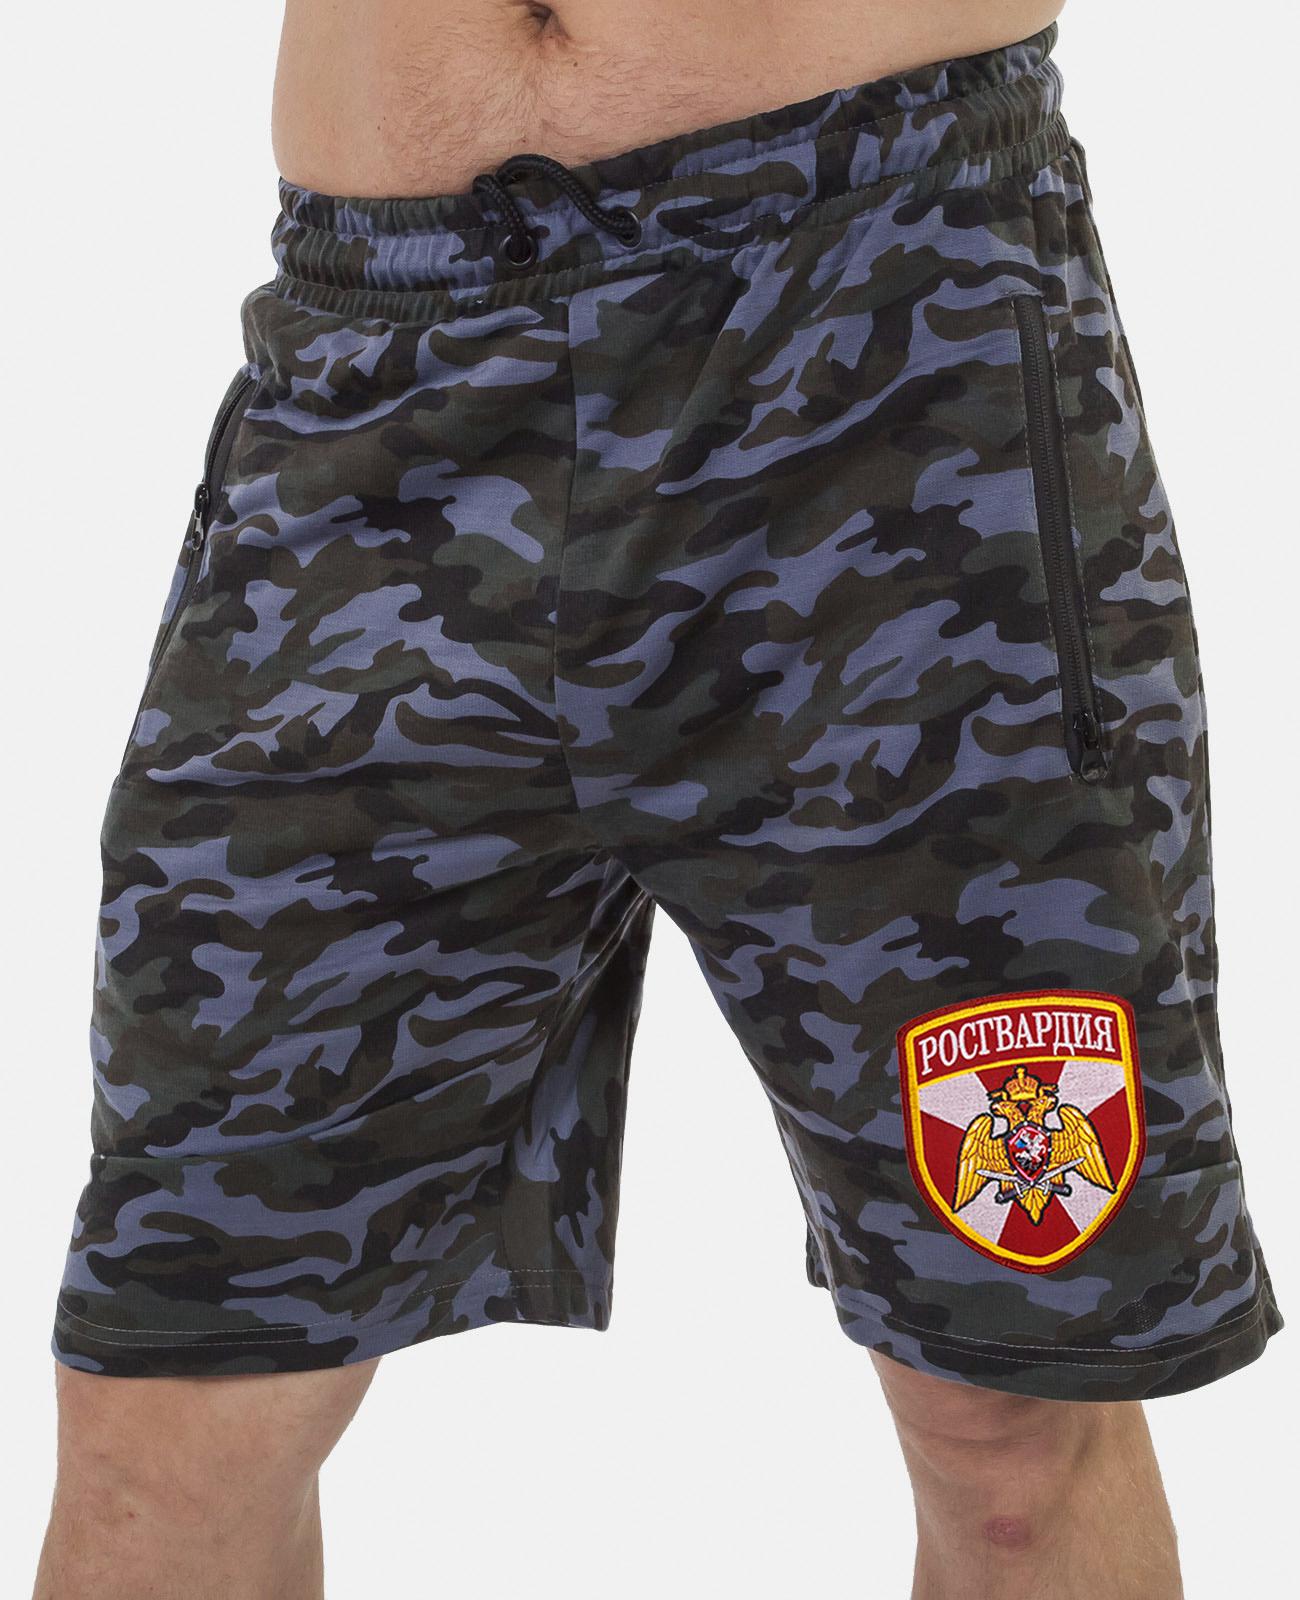 Купить надежные милитари шорты с нашивкой Росгвардия с доставкой выгодно